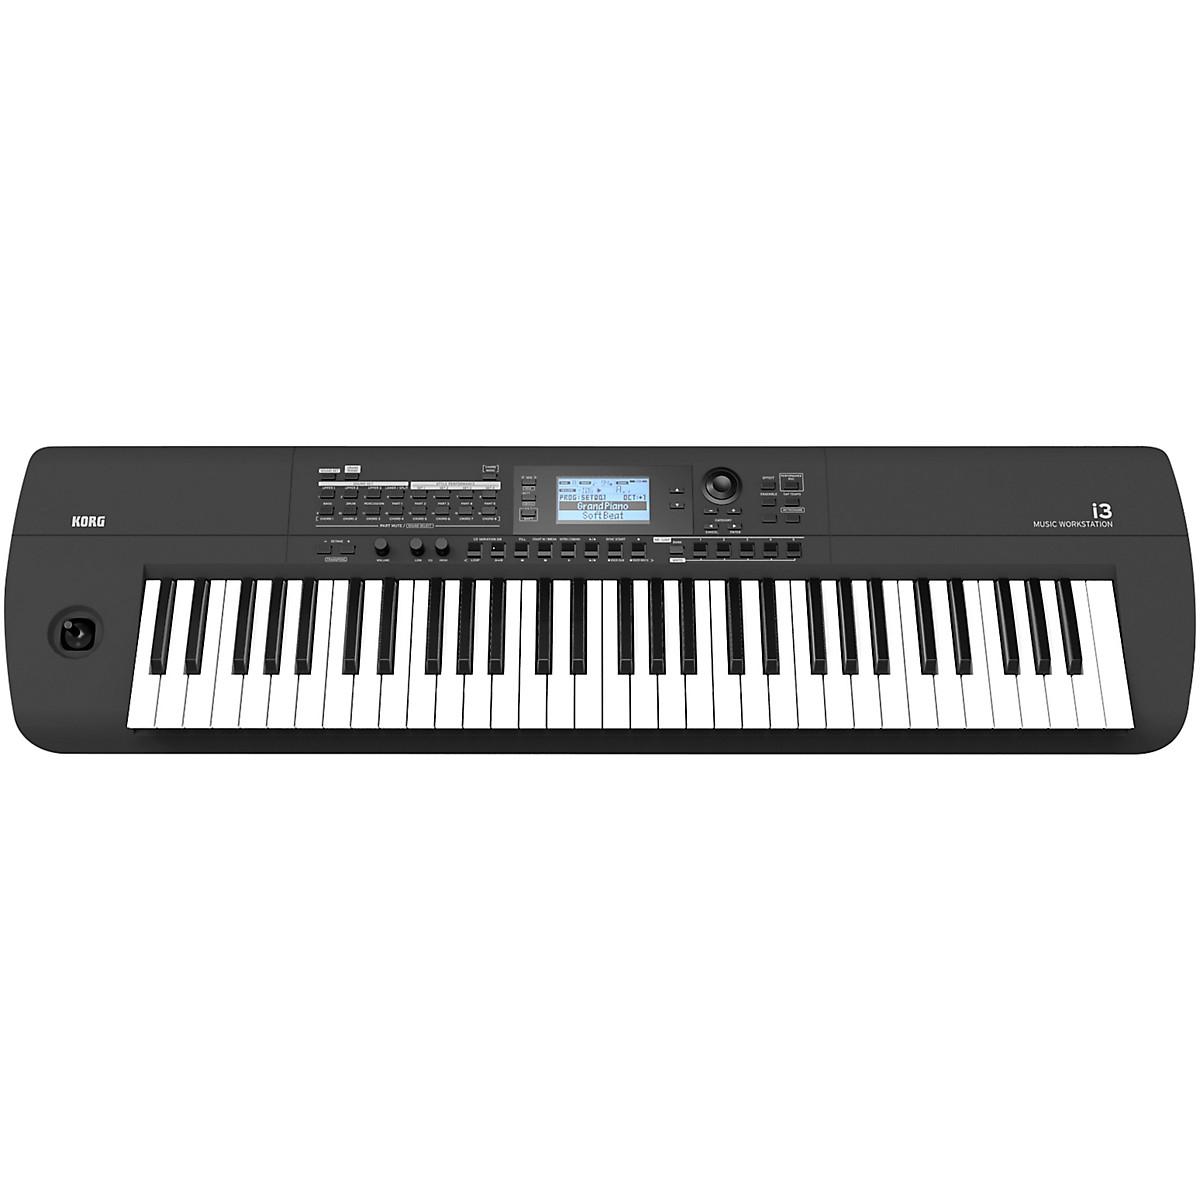 Korg i3 66-Key Music Workstation